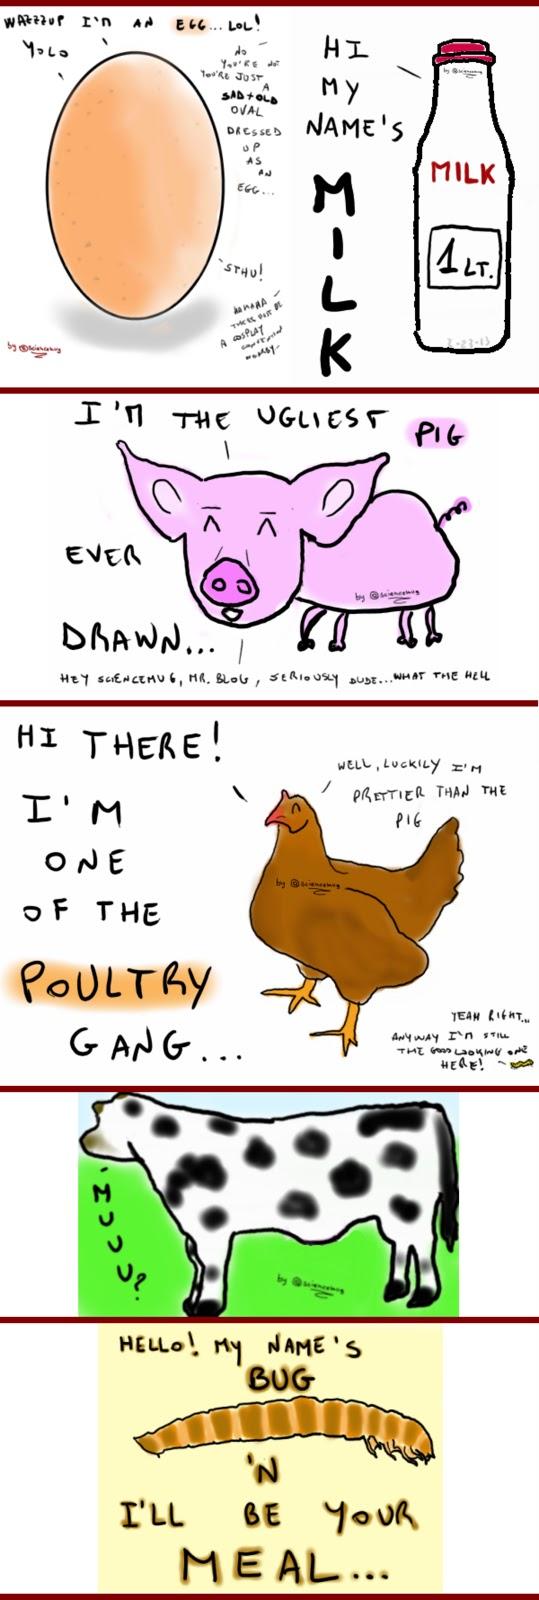 Disegno delle fonti di proteine animali di cui parla il post: uova, latte, carne di maiale, pollame, ruminanti e infine insetti (by sciencemug)